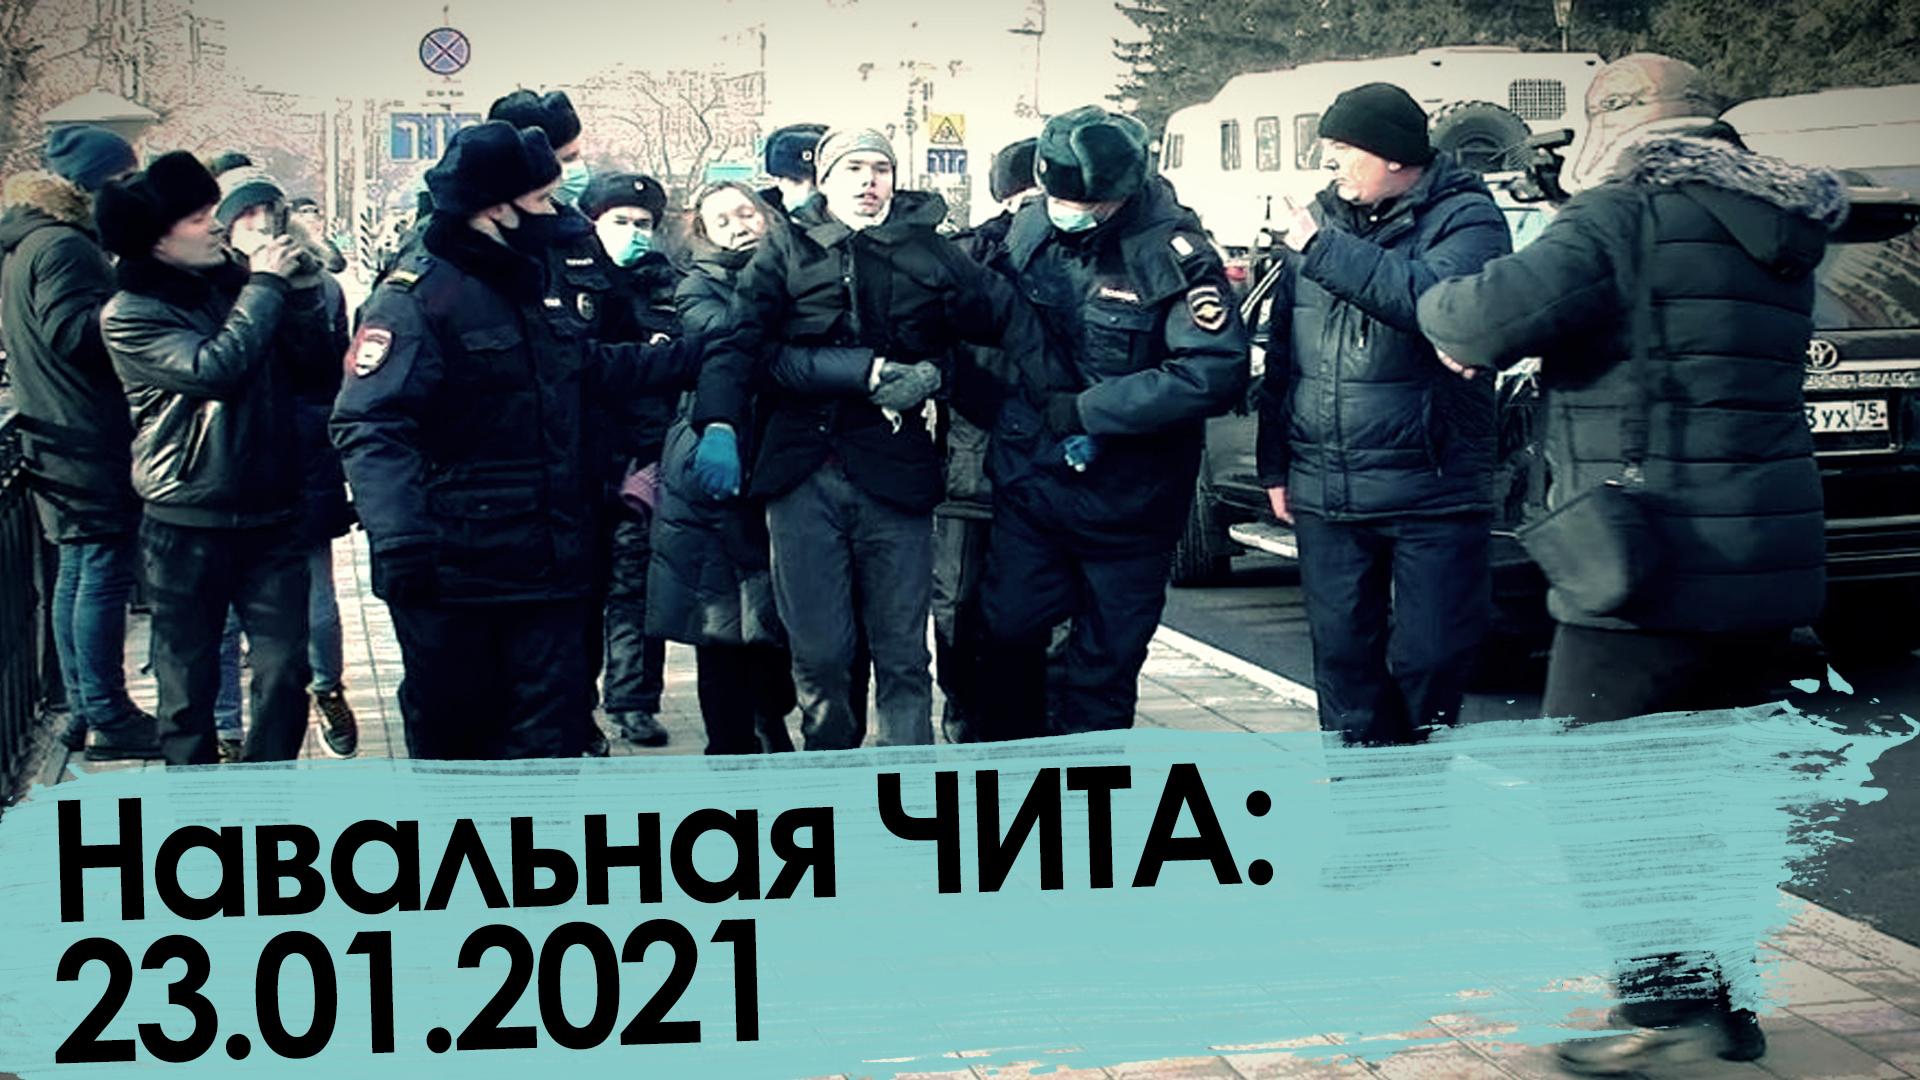 «Вечорка ТВ»: Навальная Чита. 23.01.2021.